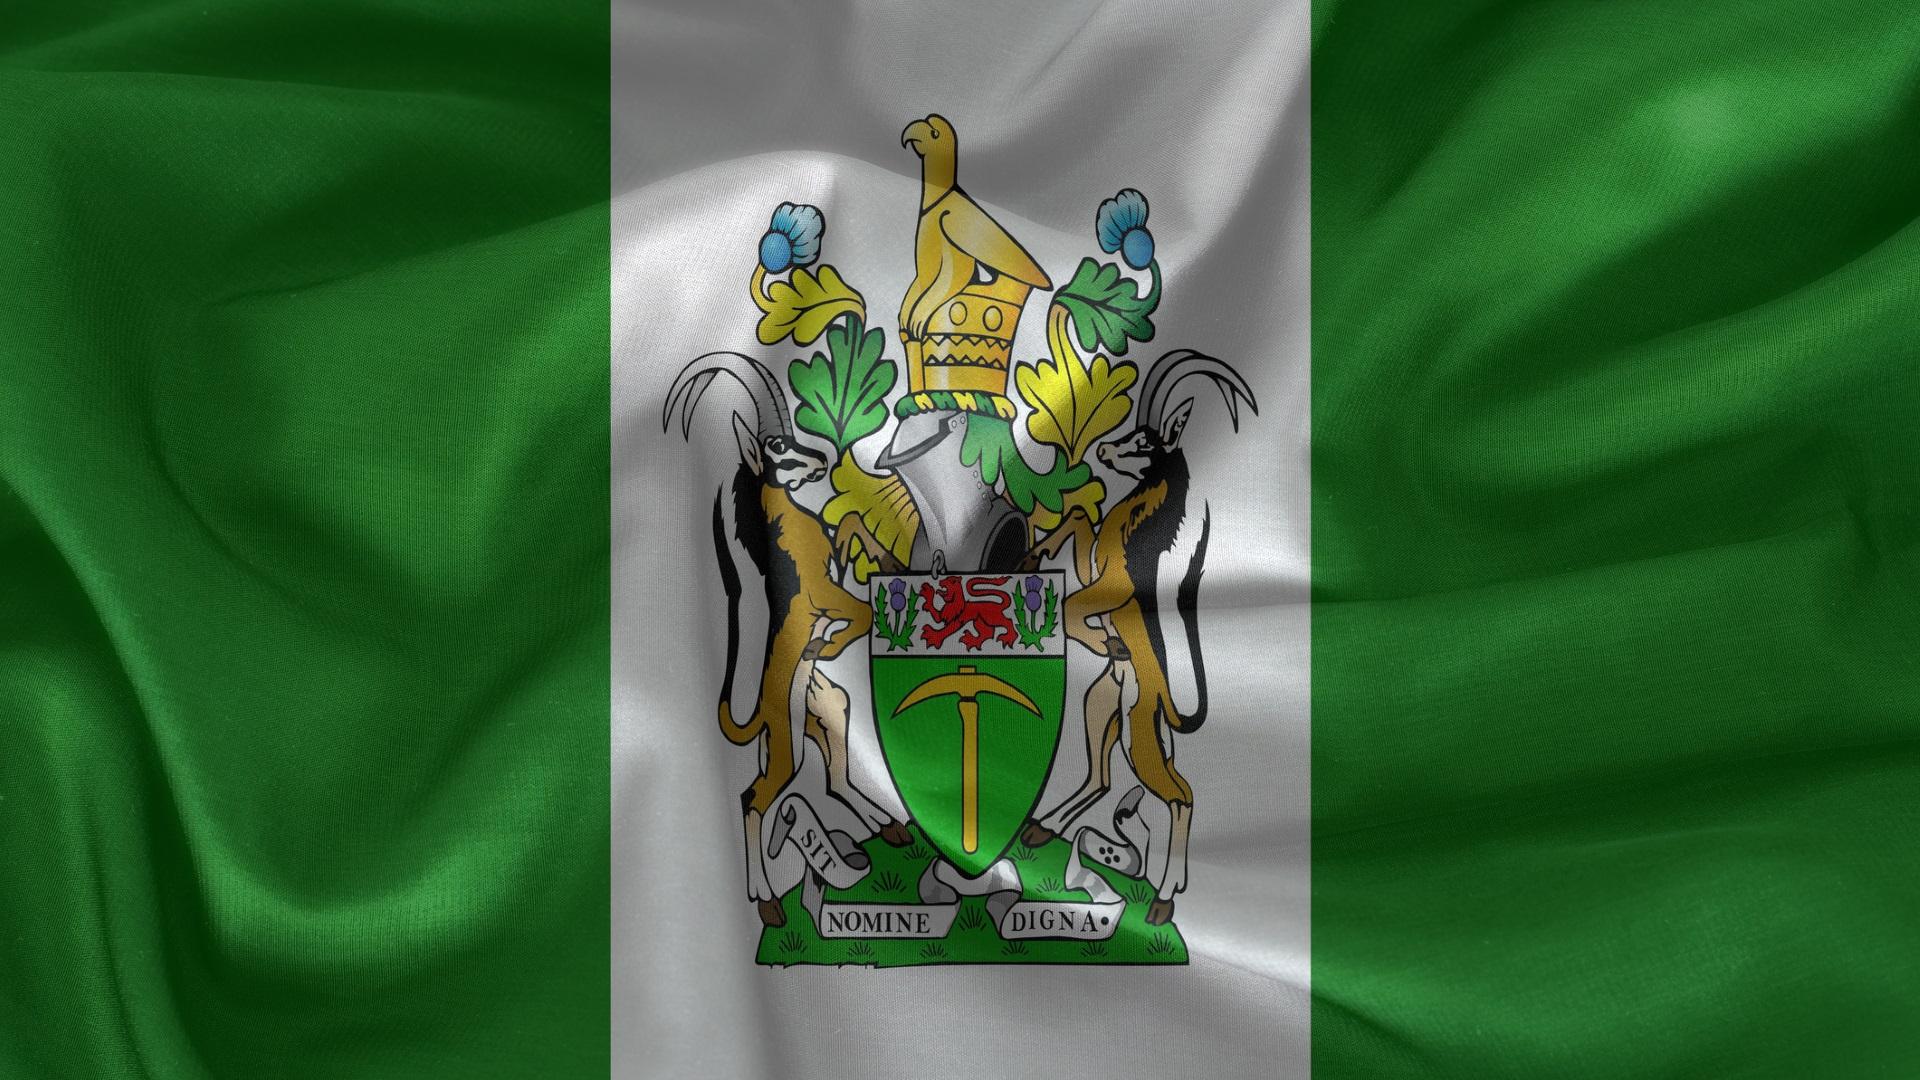 <p><strong>Родезия</strong></p>  <p>Разположена в централната част на Африка Родезия, позната днес като Зимбабве и Замбия, се самопровъзгласява за държава през 1965 г., но не е международно призната за такава. Родезия се администрира от британска южноафриканска компания, търсеща злато, мед и въглища, докато страната придобива независимост през 1979 г. след 14-годишната Родезийска война на Буш.</p>